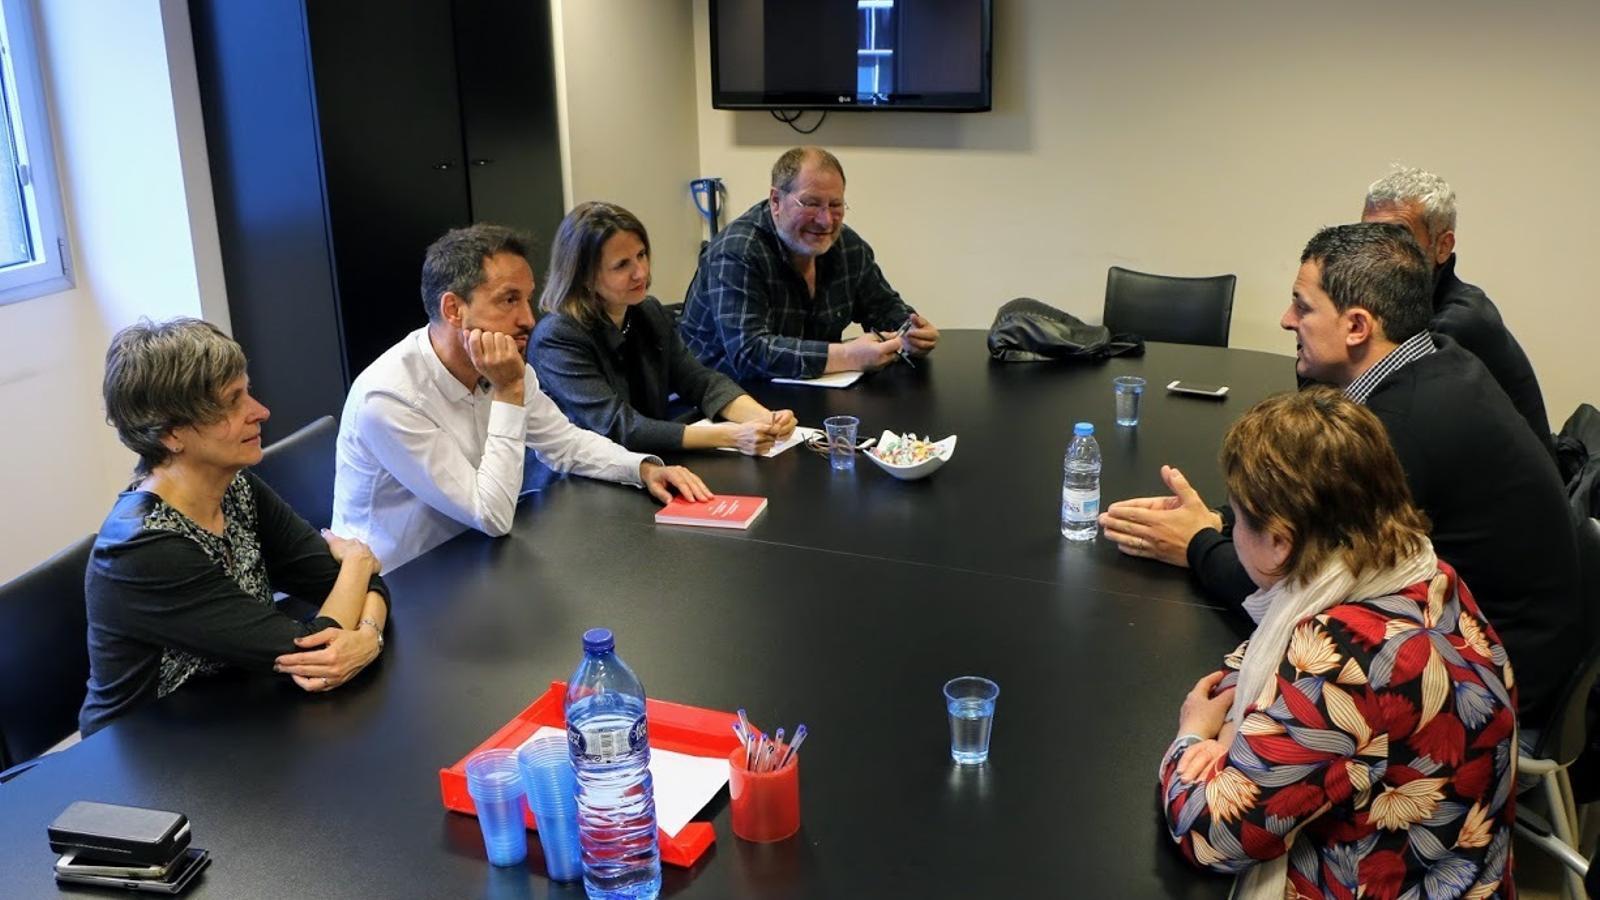 Un moment de la trobada entre representants del PS i de Liberals d'Andorra aquest dimecres al matí. / LIBERALS D'ANDORRA